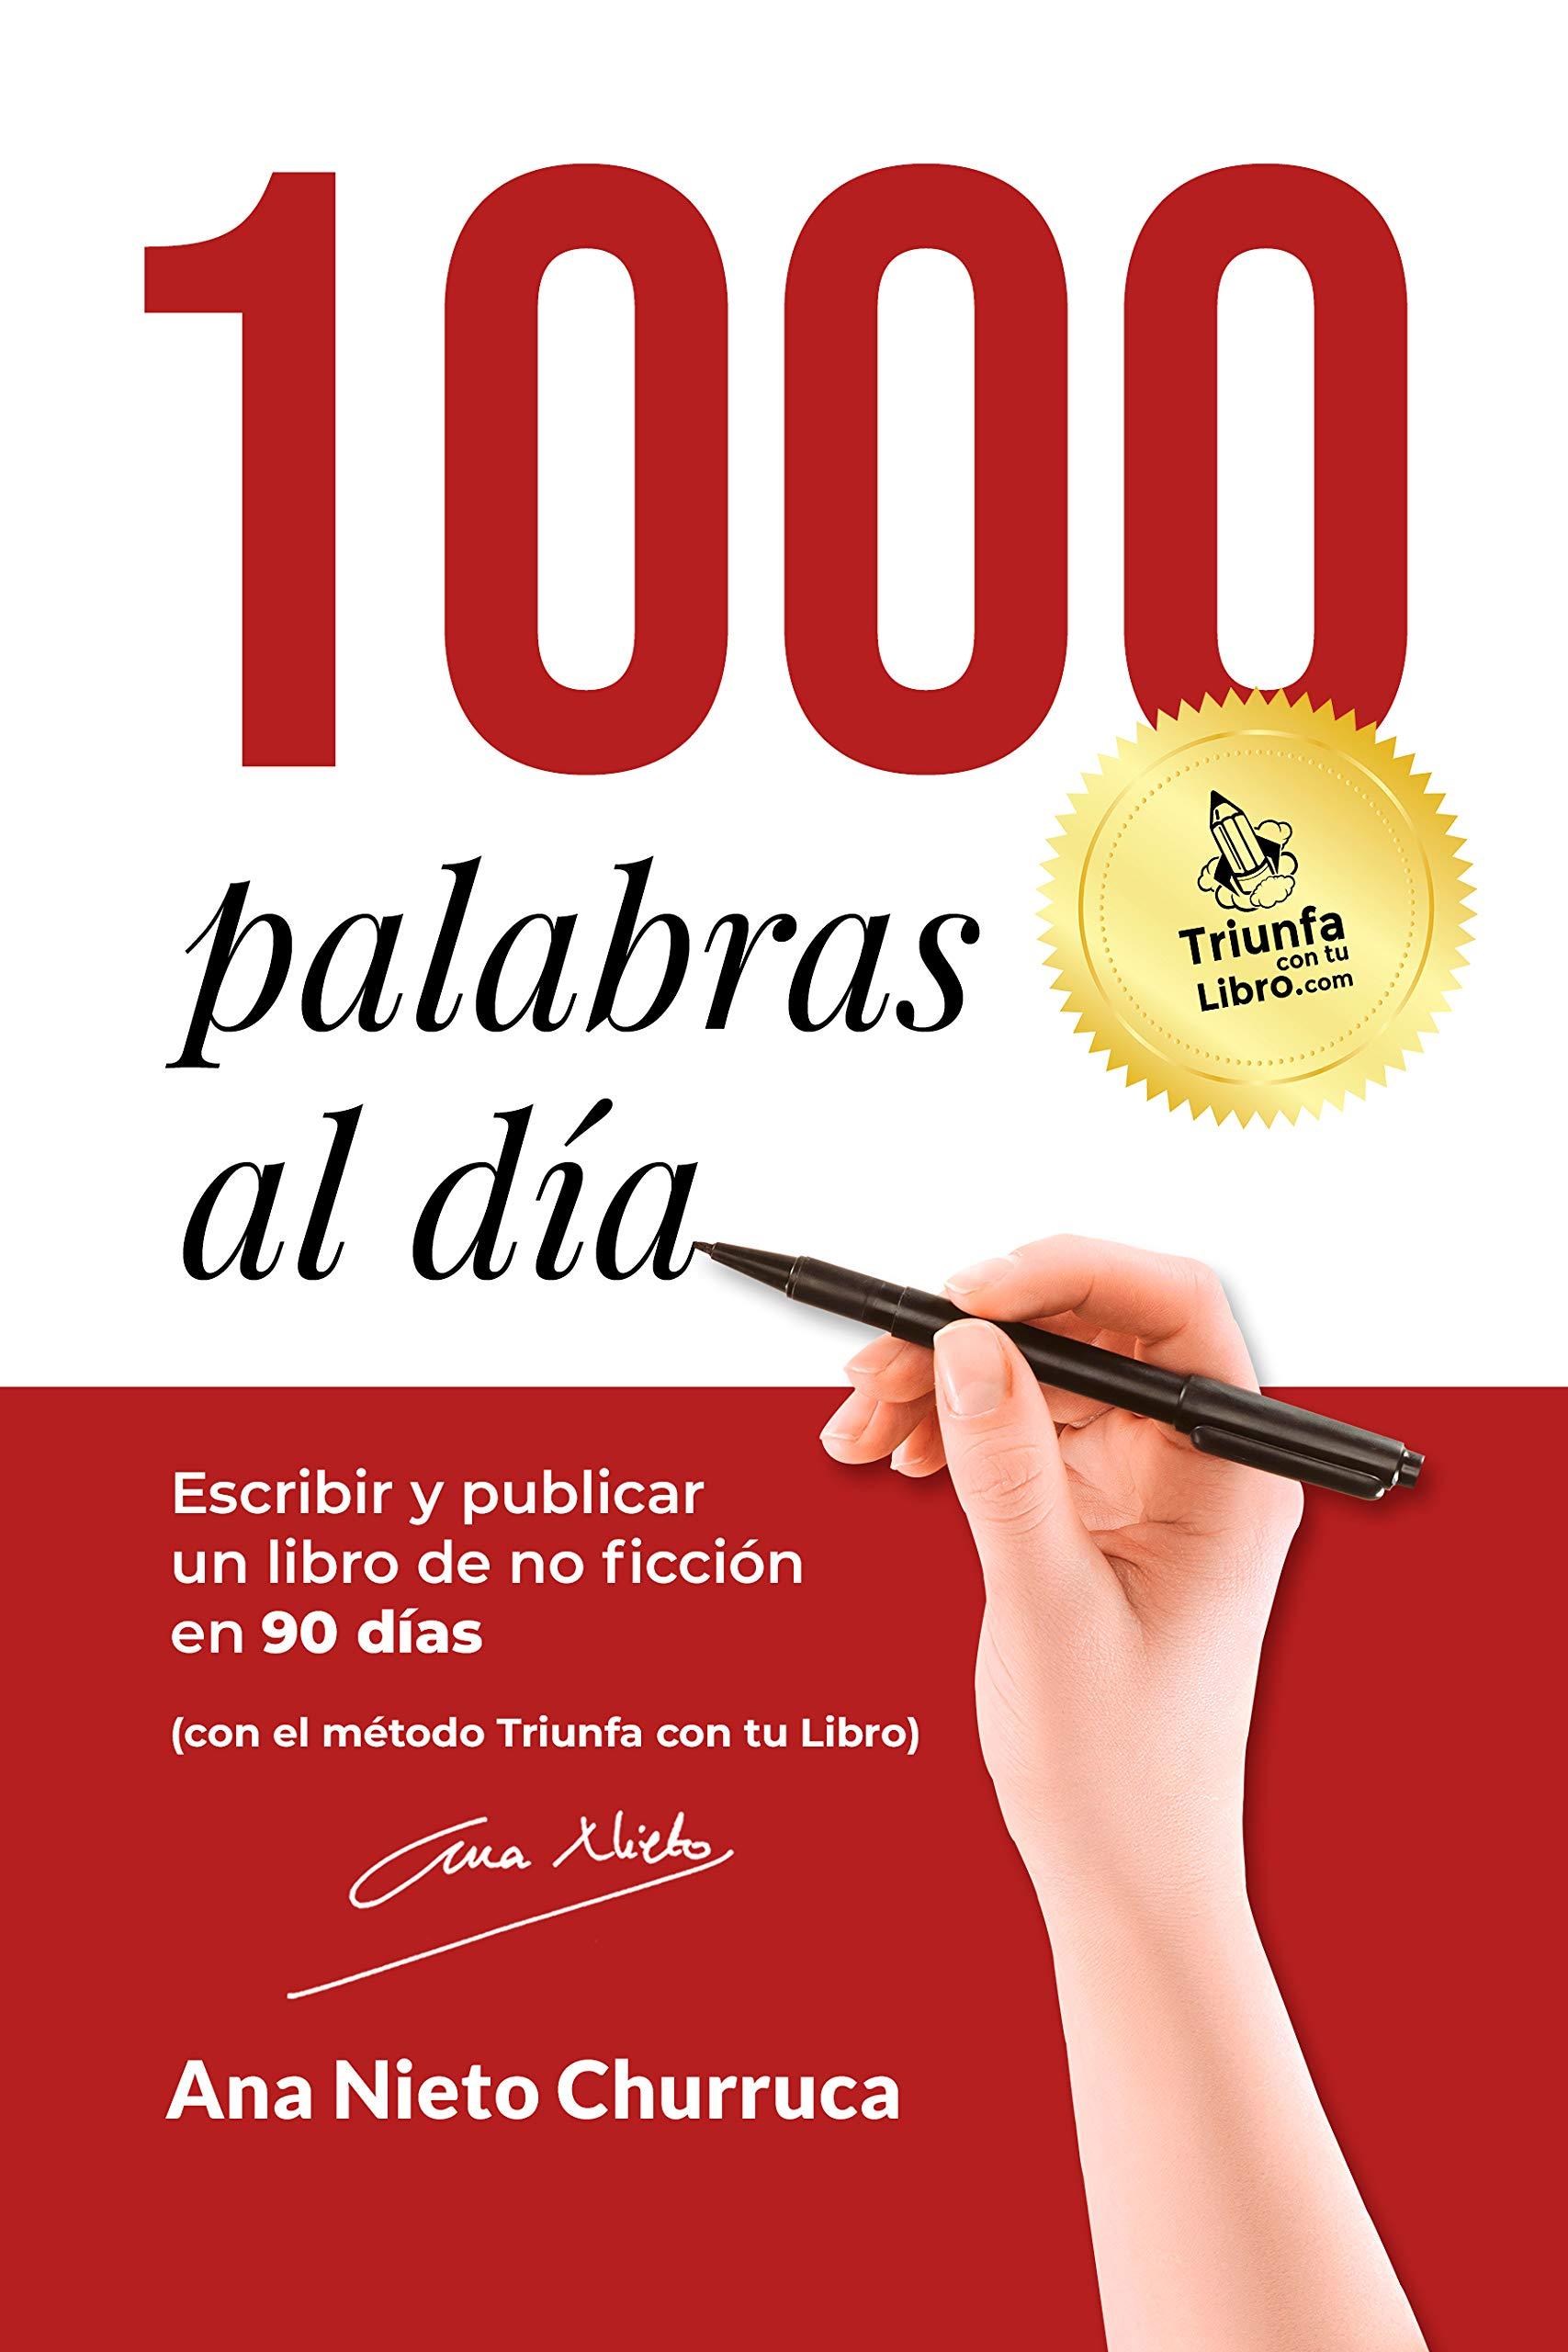 1000 PALABRAS AL DÍA: Escribir y publicar un libro de no ficción en 90 días (con el método Triunfa con tu Libro) por Ana Nieto